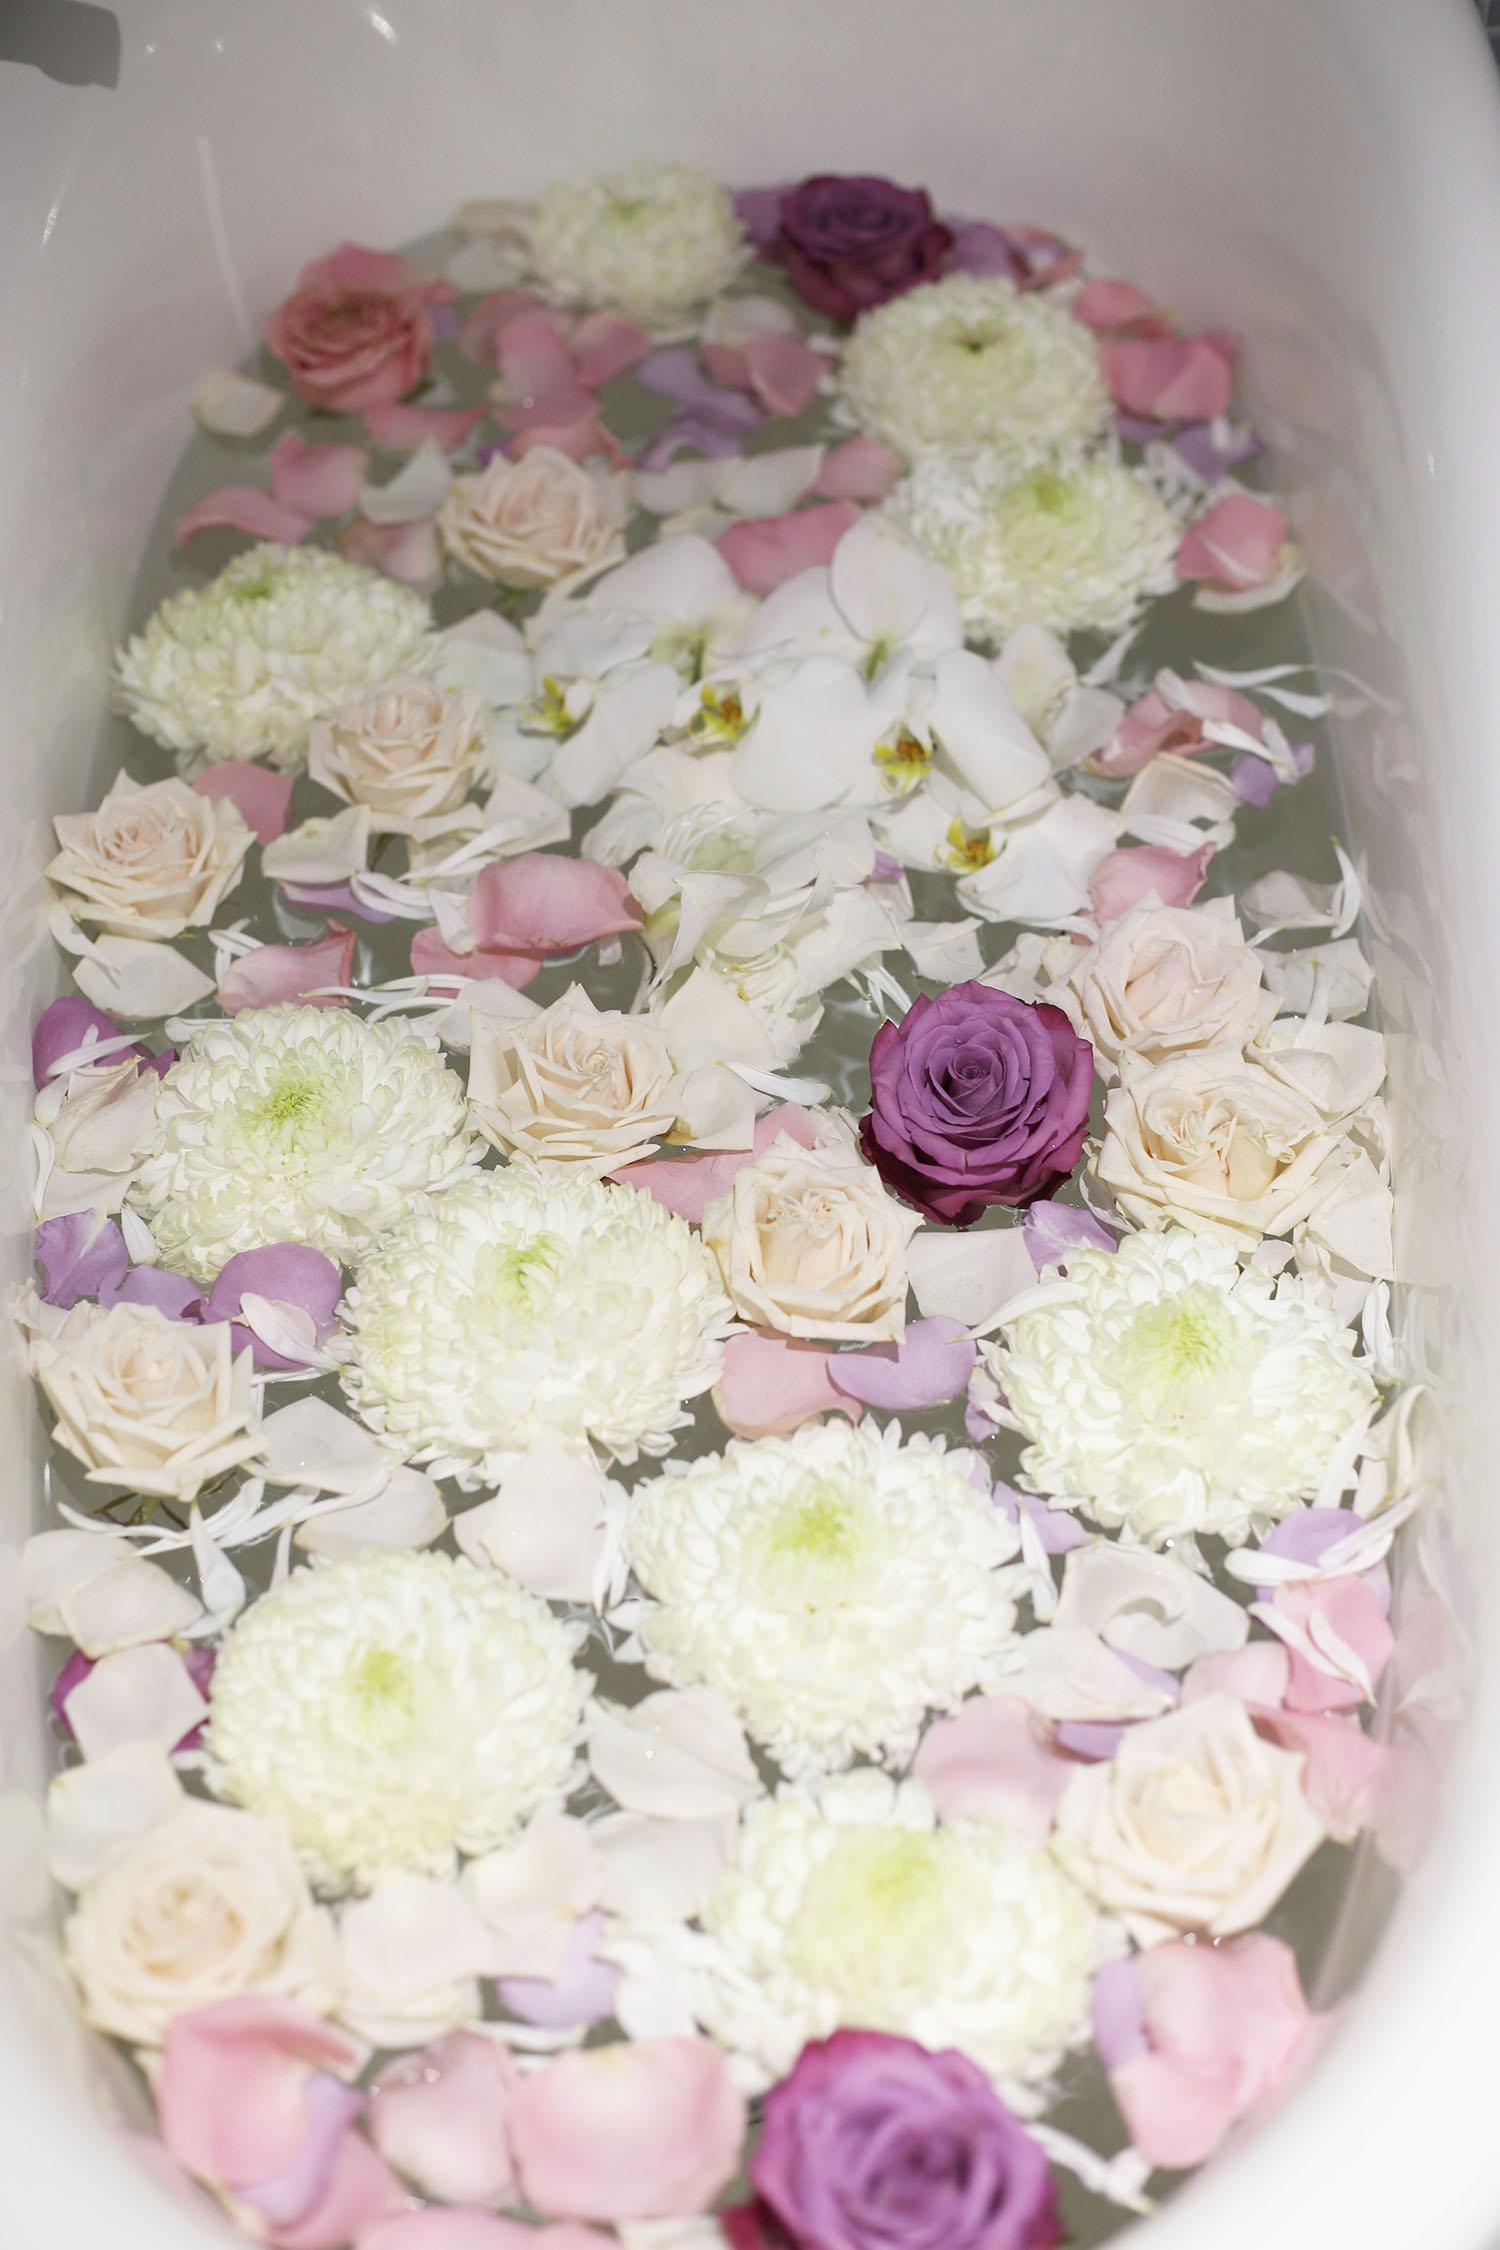 Kukkakylpy voisi olla kiva ystävänpäiväyllätys. Ammeessa on kellumassa leikkokukiia, ruusuja ja neilikoita.